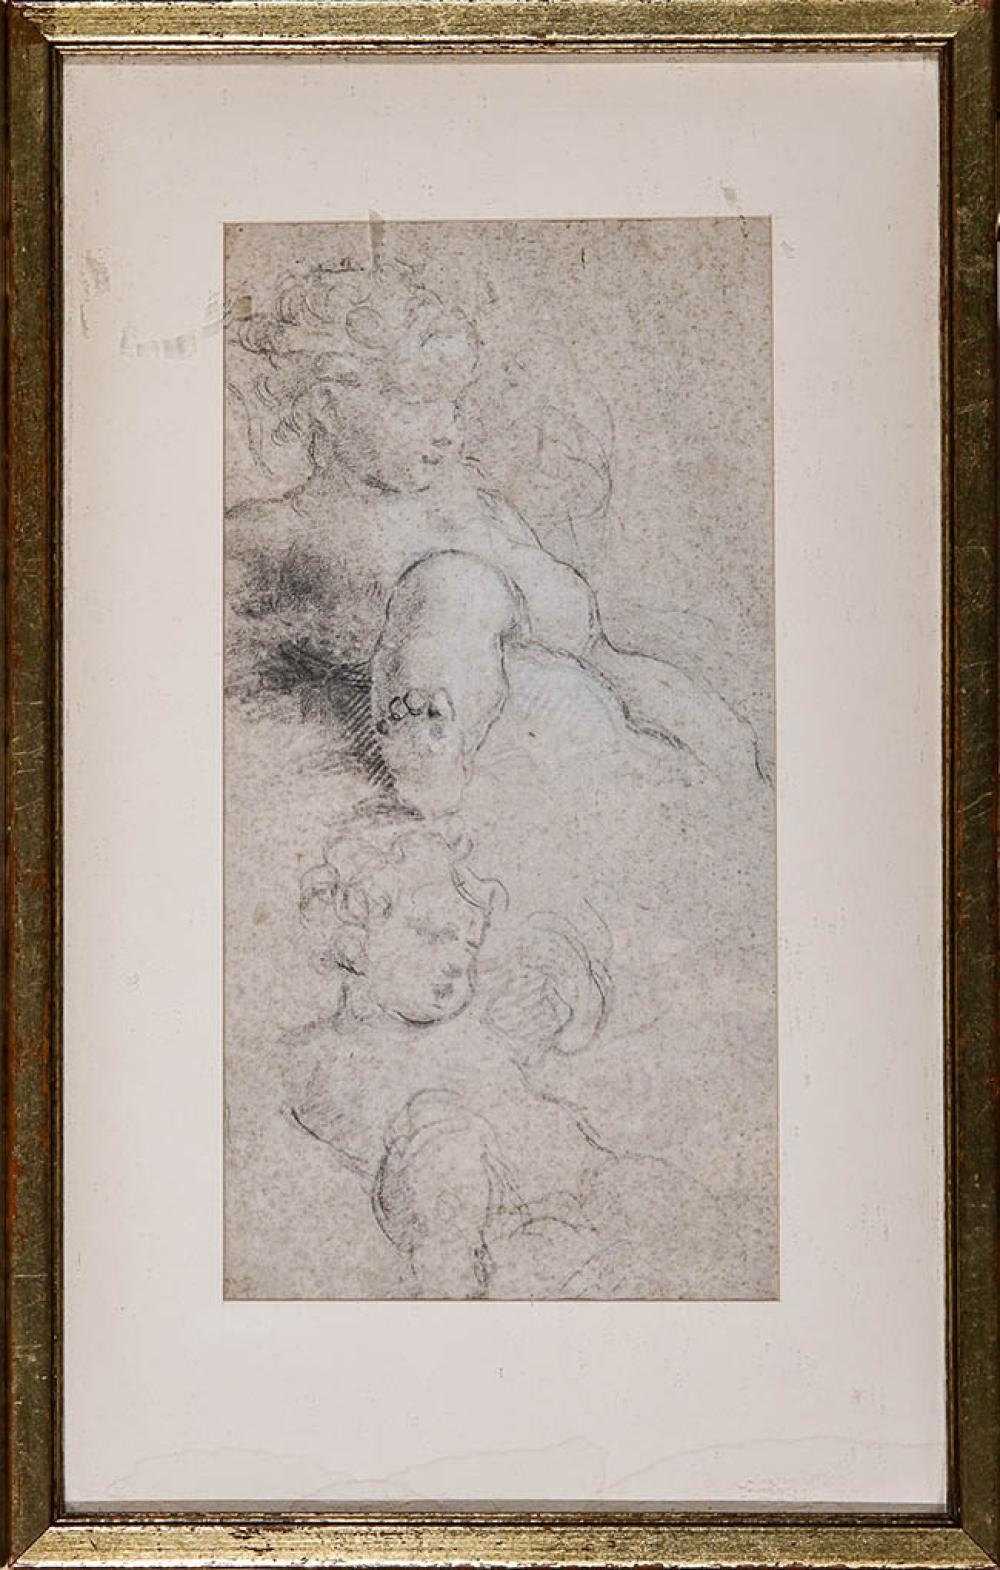 Circle of Antonio da Correggio (Italian 16th-17th Century), Study of Putti, Unsigned, Framed Graphite on Paper, 9-3/4 x 5 in